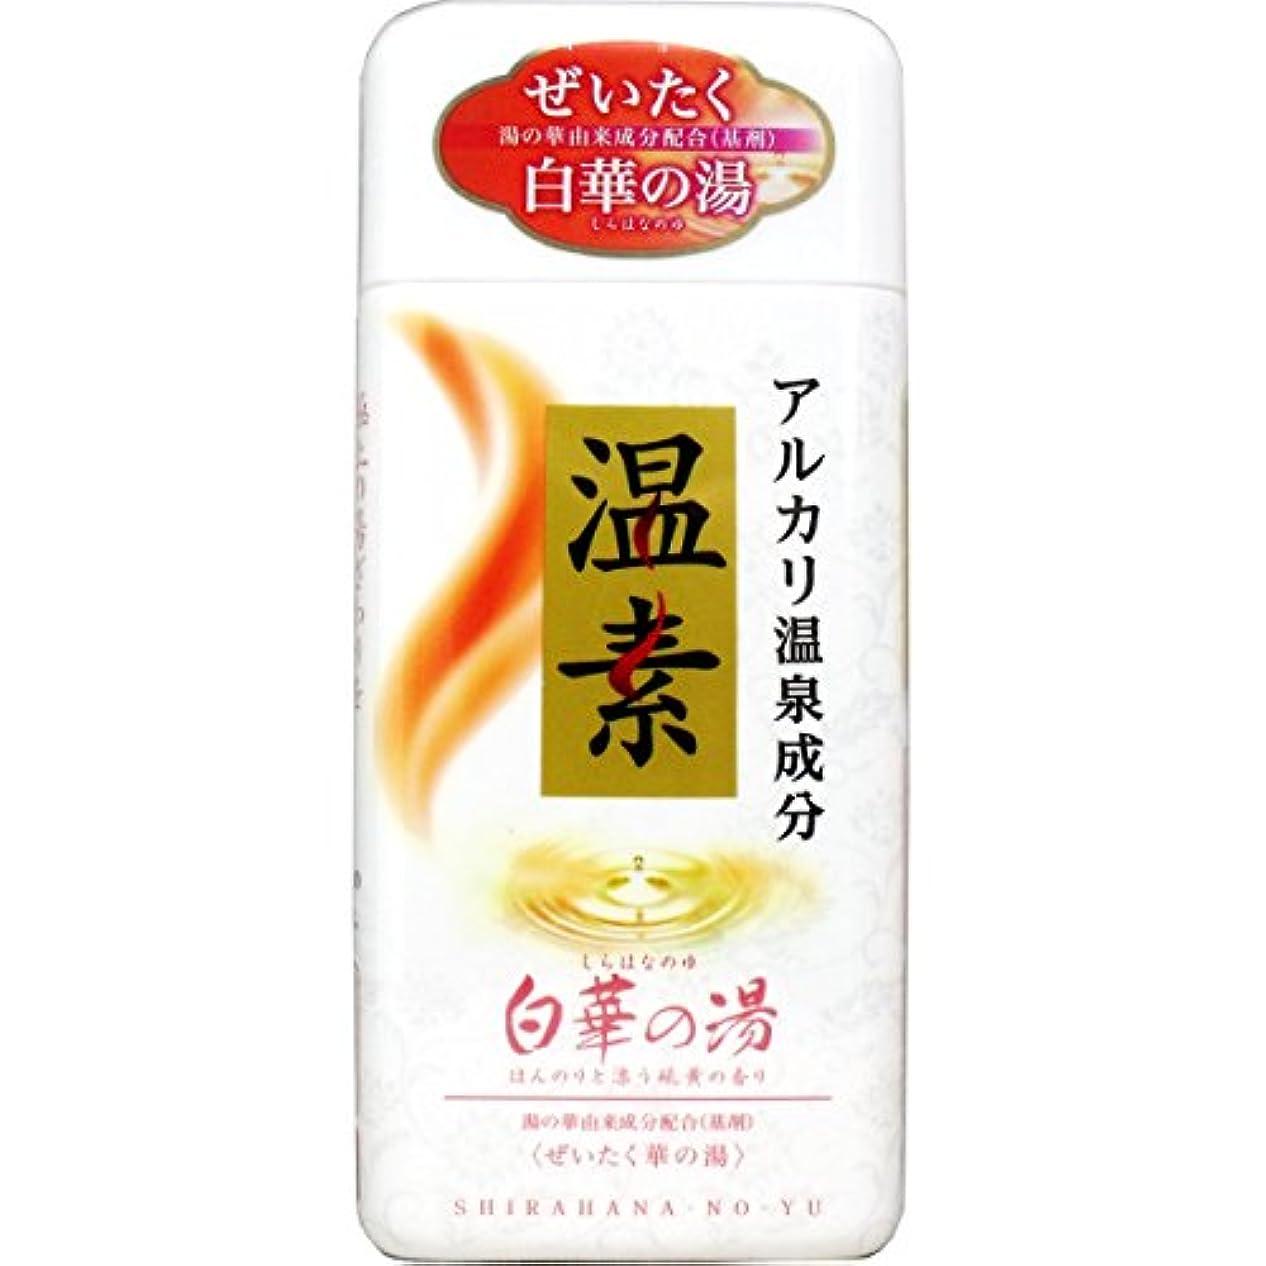 排泄物何よりもメガロポリス入浴剤 ぜいたく華の湯 リラックス用品 アルカリ温泉成分 温素 入浴剤 白華の湯 硫黄の香り 600g入